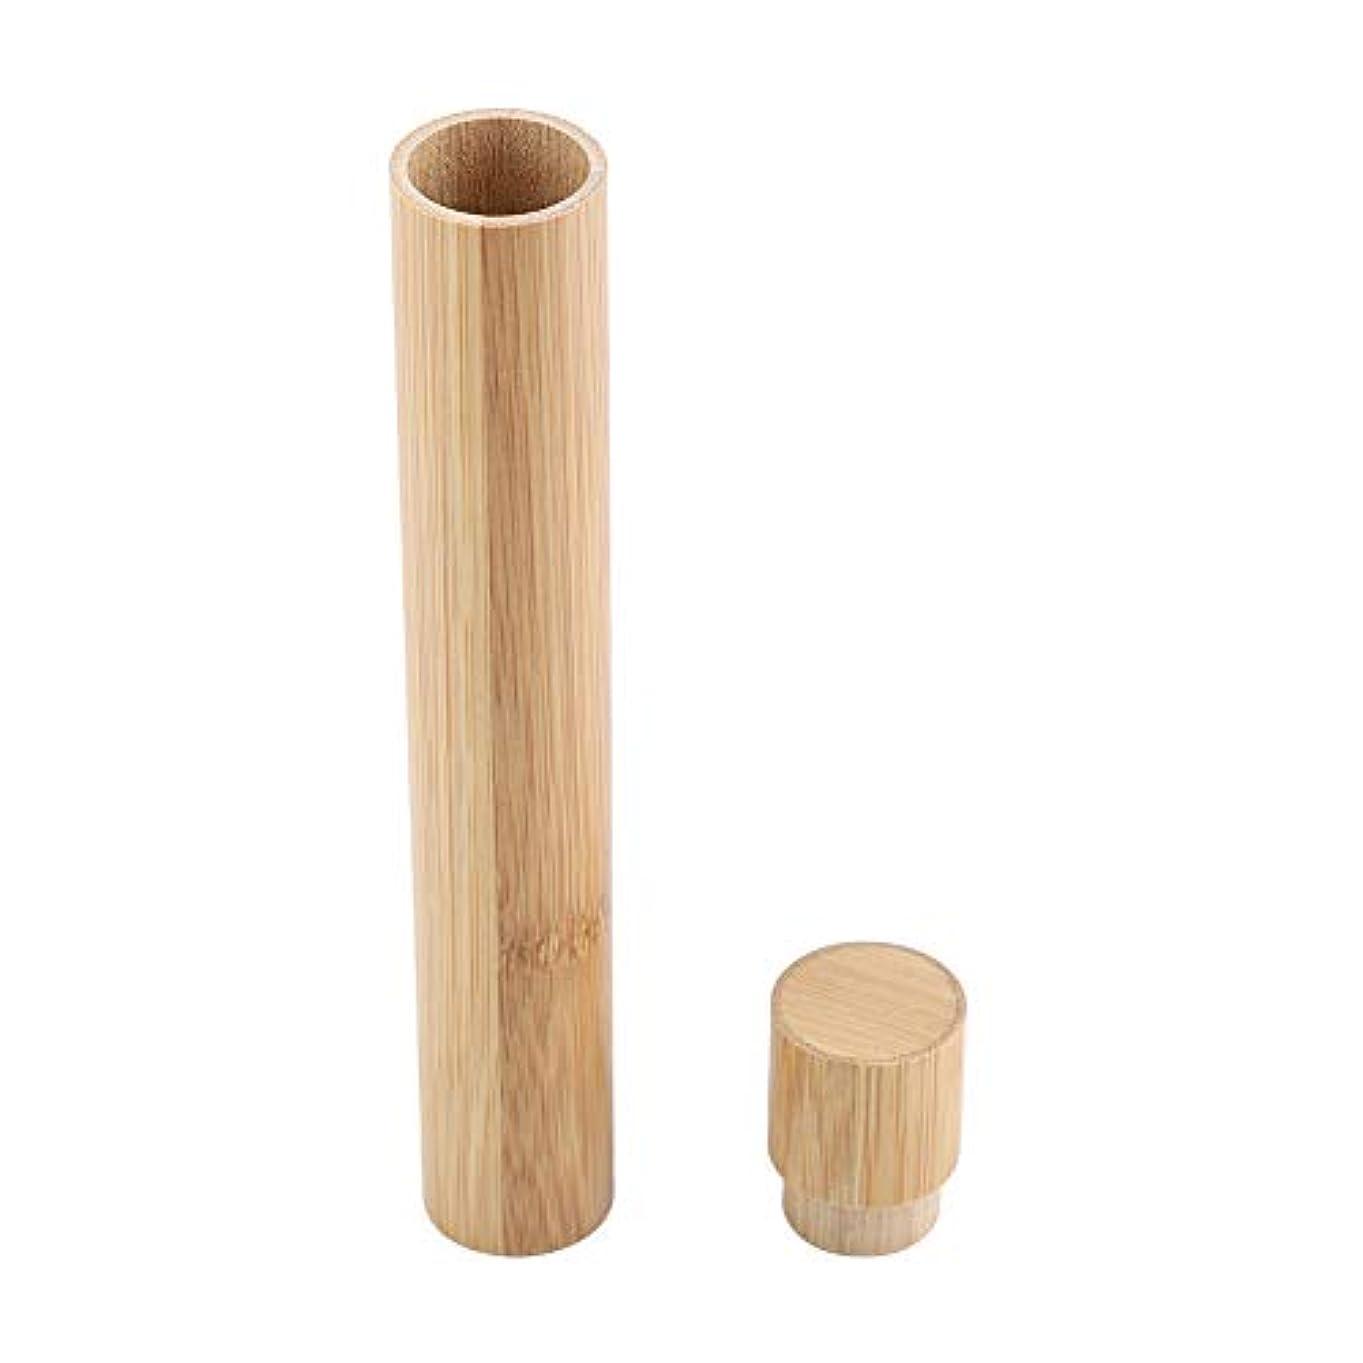 歯ブラシケース ブラシホルダー ブラシ収納 ポータブル エコフレンドリー 木製 竹 トラベル用 プロテクト 収納ケース ブラシ保護